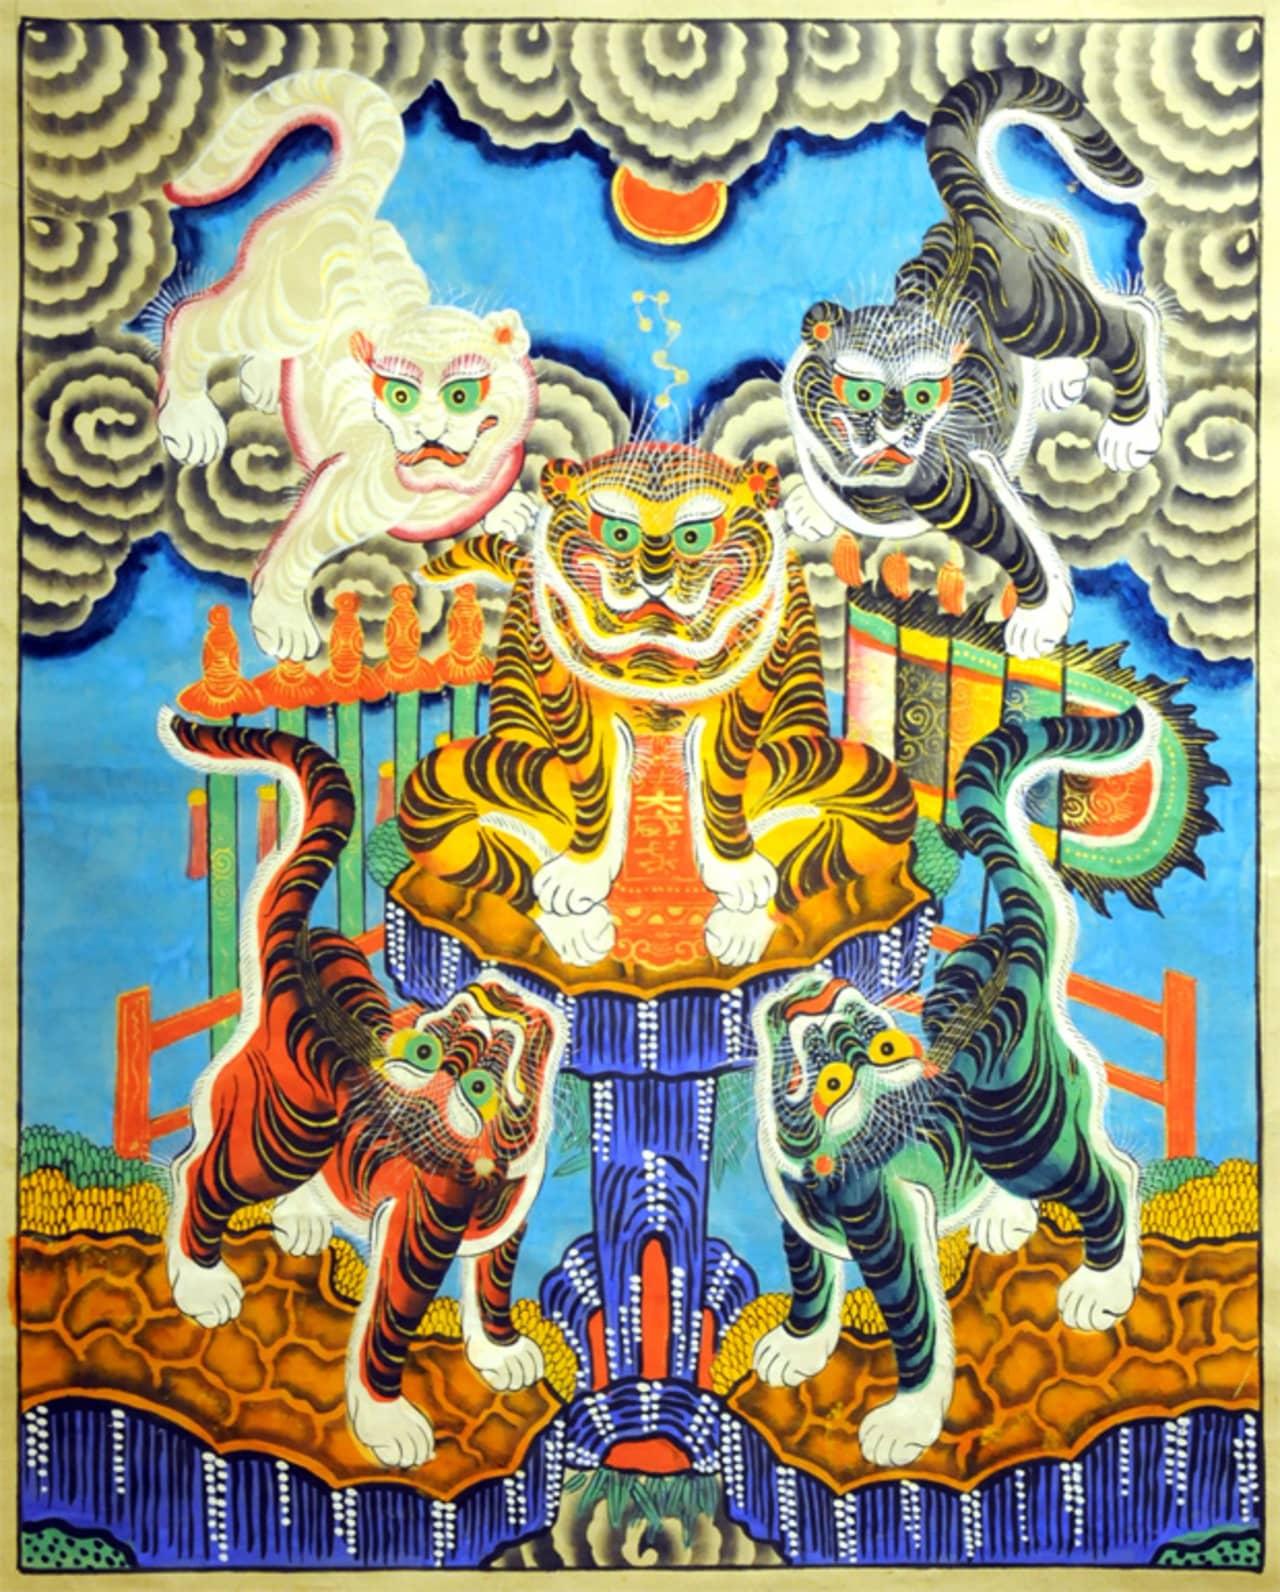 Bức tranh Ngũ Hổ đặc trưng của tranh Hàng Trống